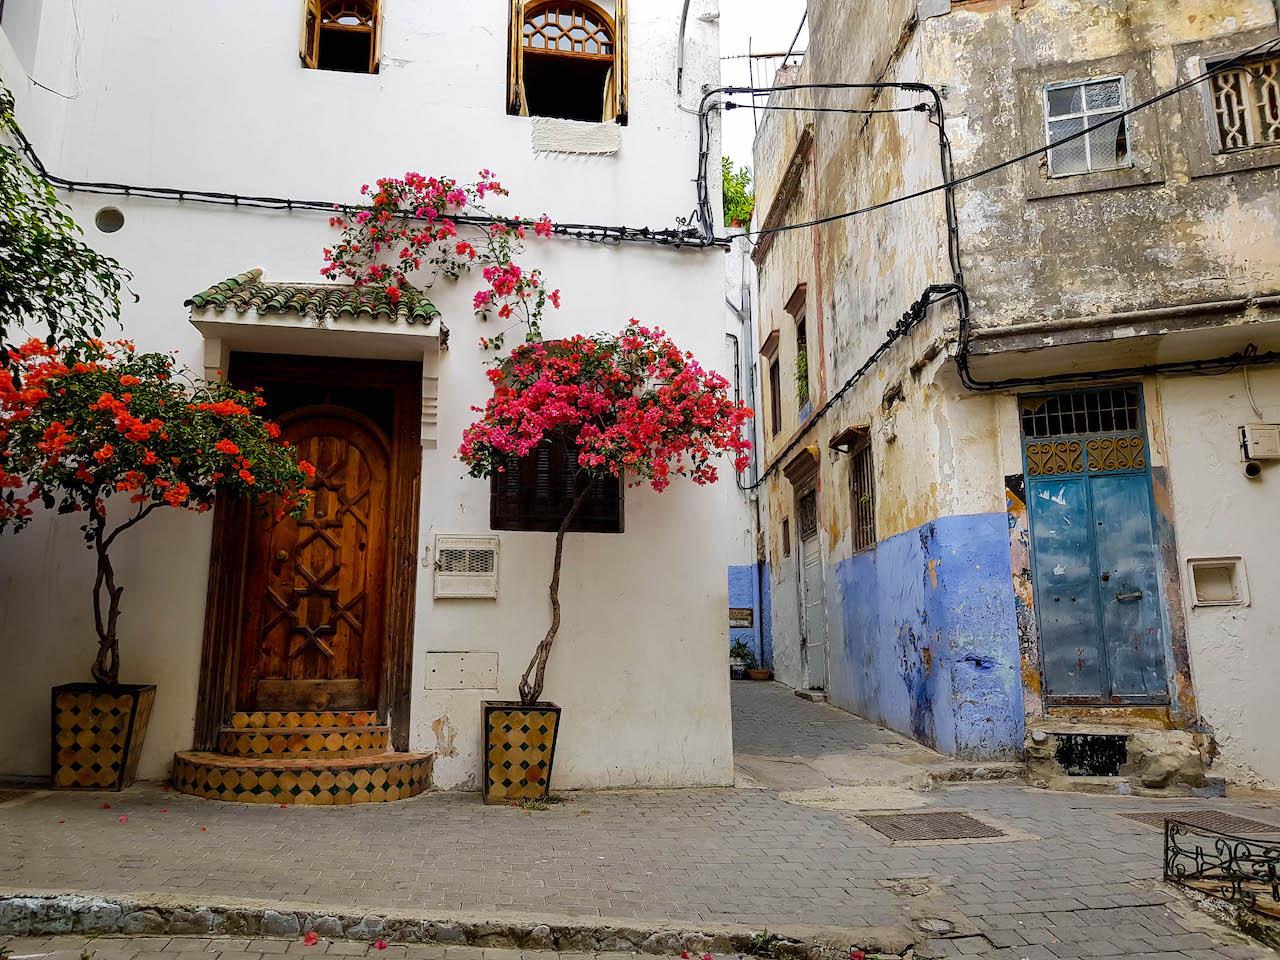 Malerisches Viertel in Tanger.